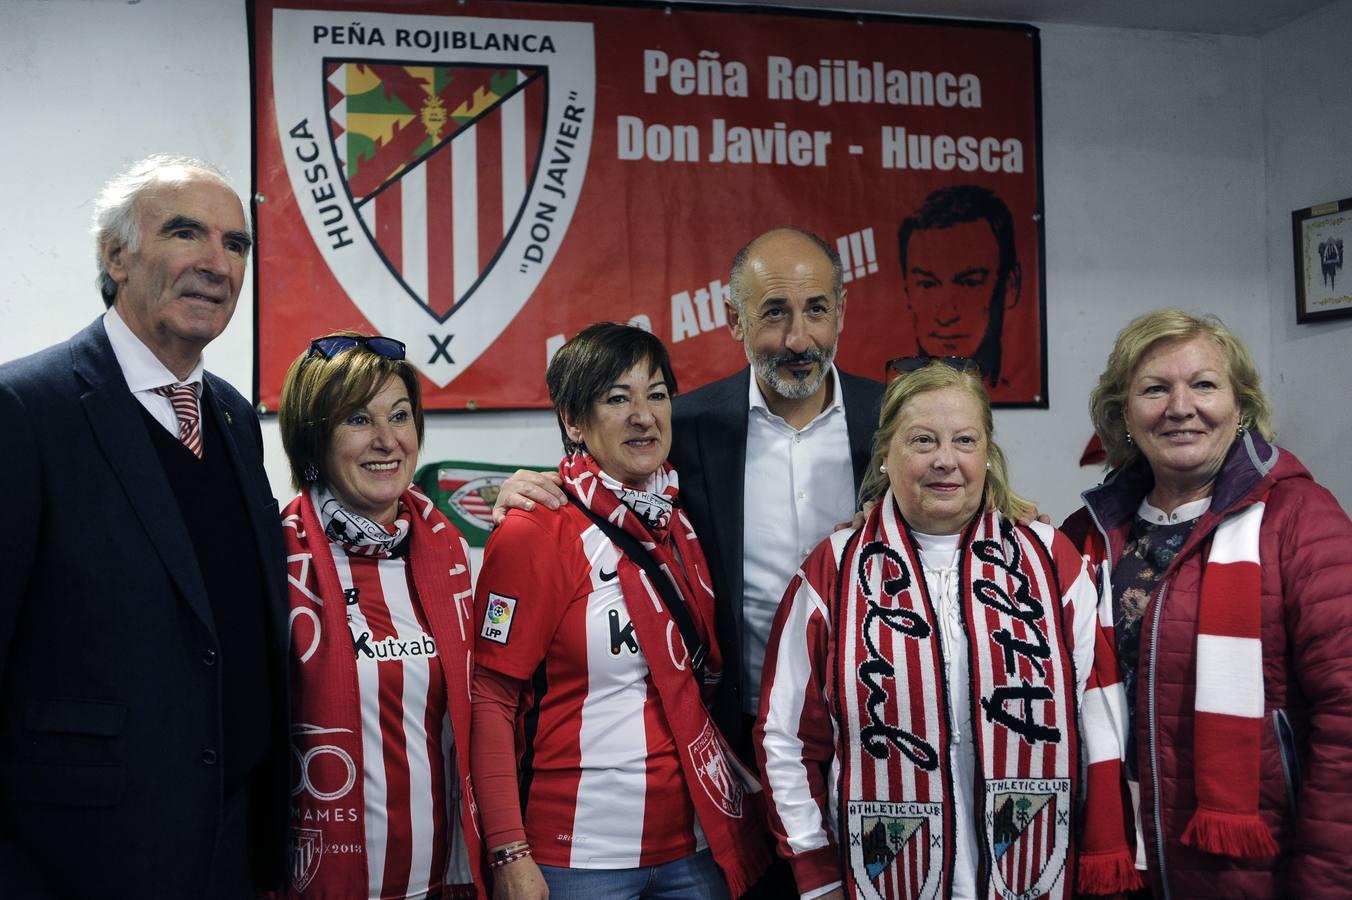 Sentimiento rojiblanco en Huesca